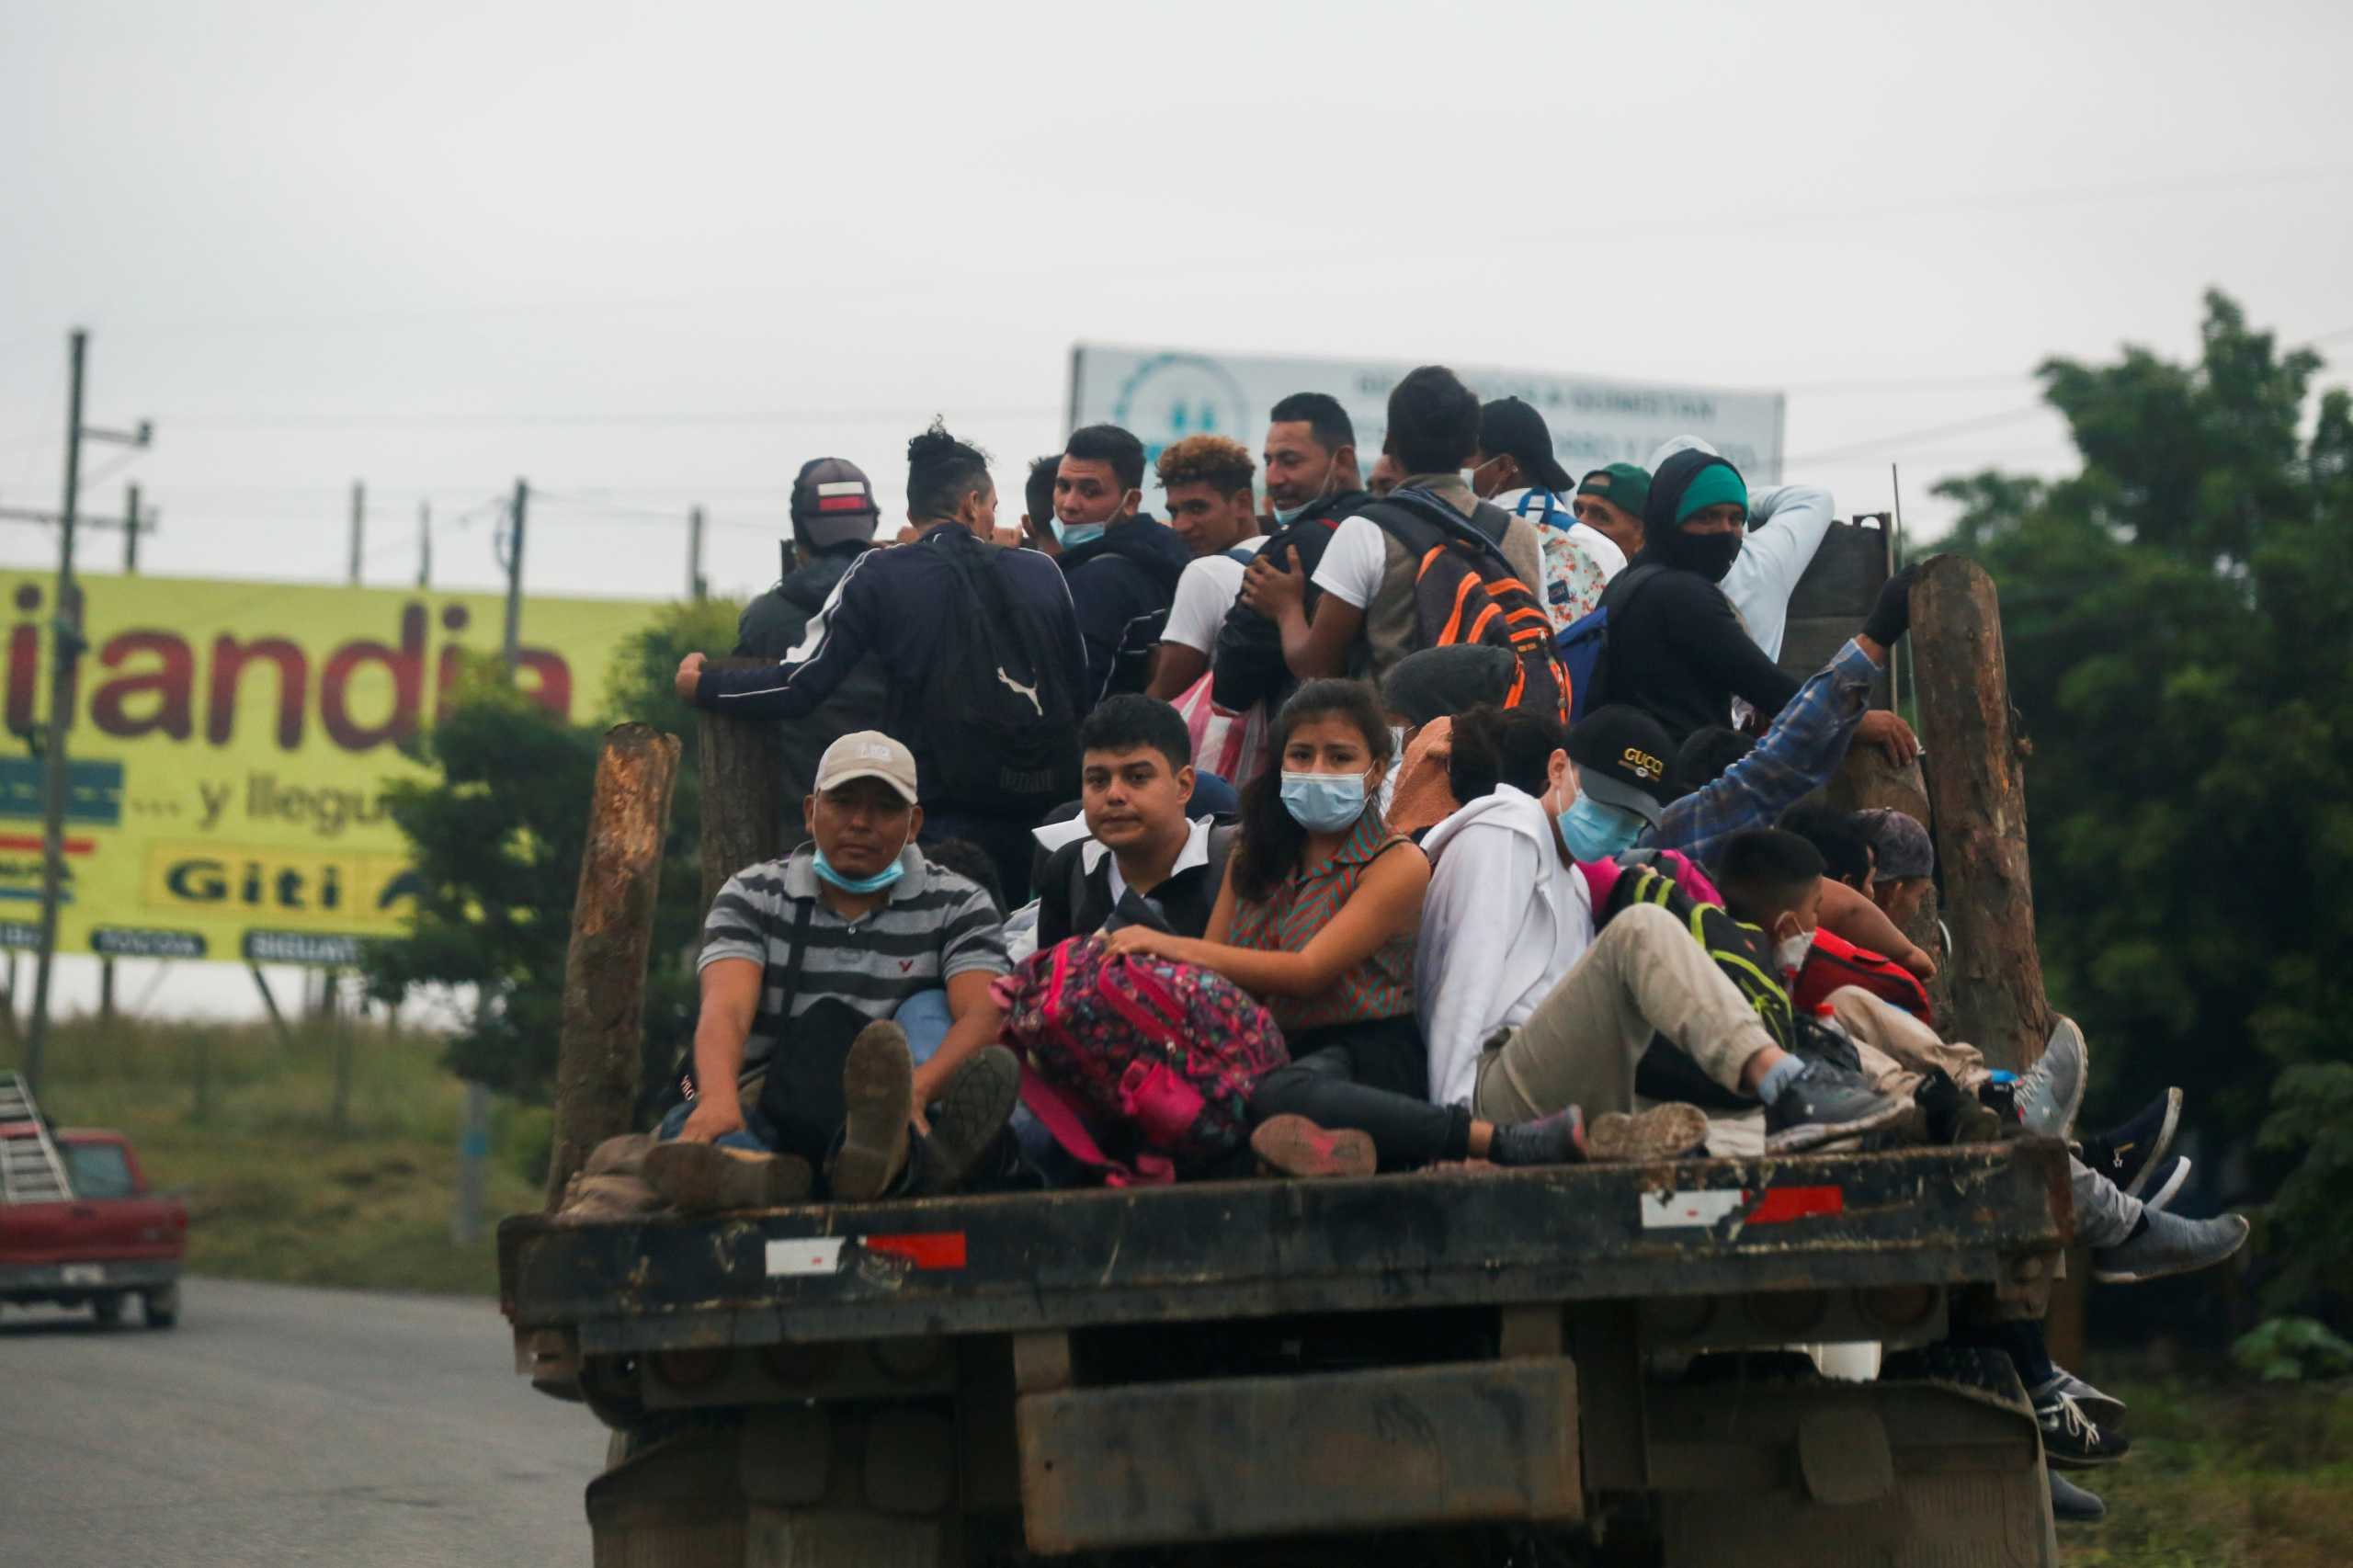 Διαλύθηκε καραβάνι μεταναστών από την Ονδούρα προς τις ΗΠΑ (pics)